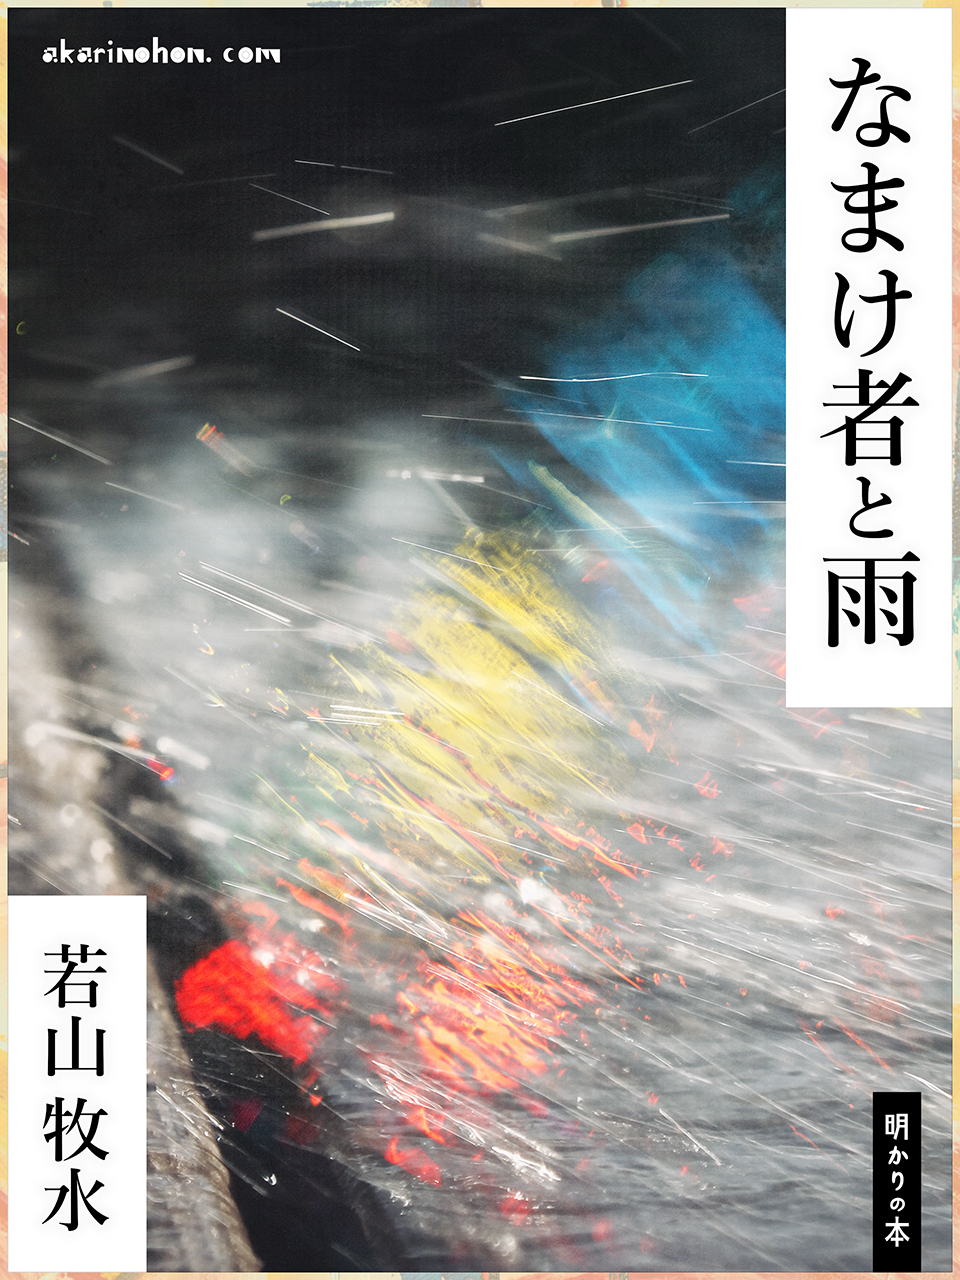 0000 - なまけ者と雨 若山牧水